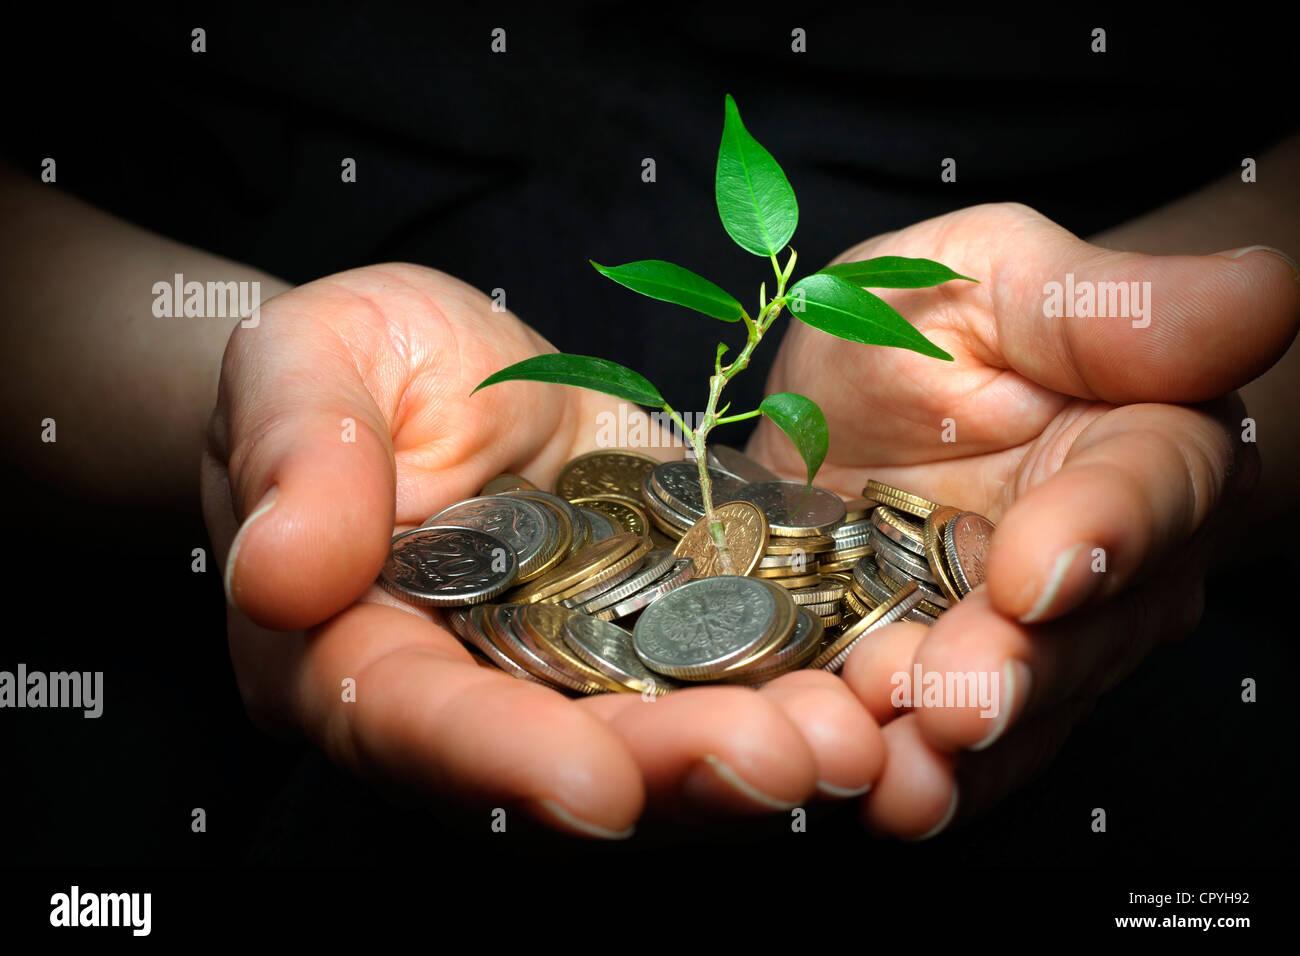 Imprenditore azienda impianto spuntano da una manciata di monete - buon investimento e il concetto di denaro Immagini Stock